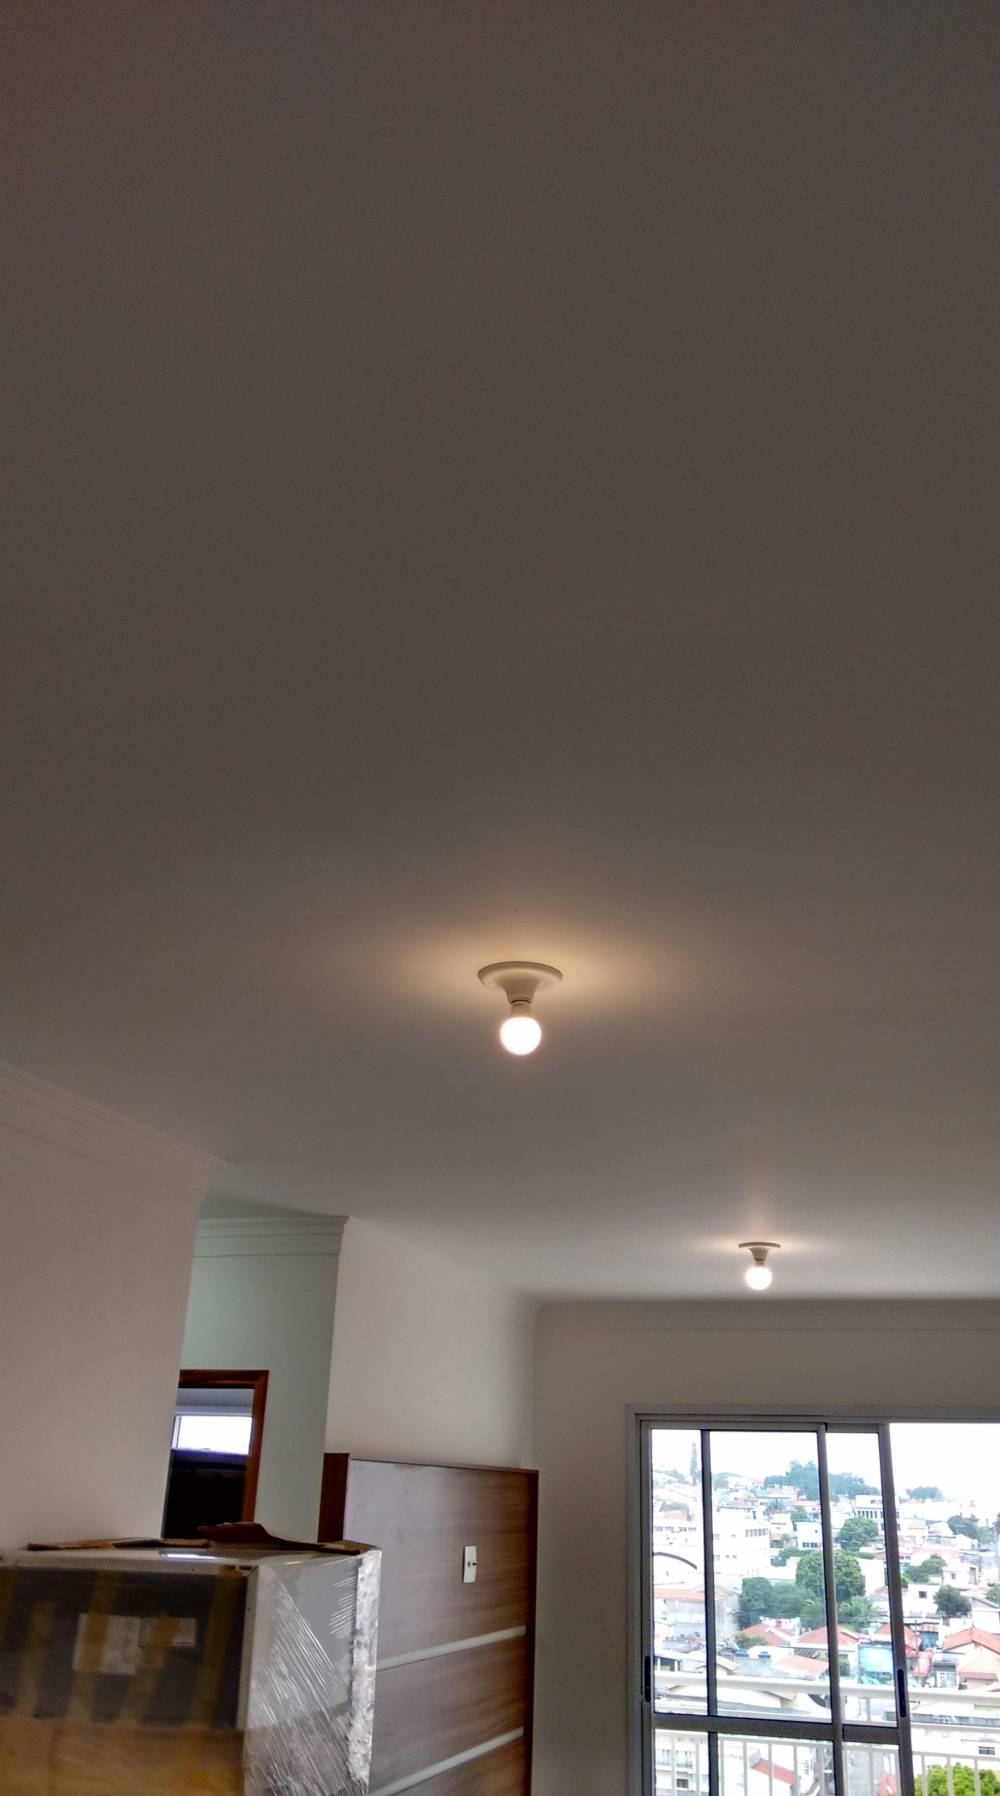 Serviço de Eletricidade Residencial Empresas Que Fazem no Centro - Eletricista em Diadema